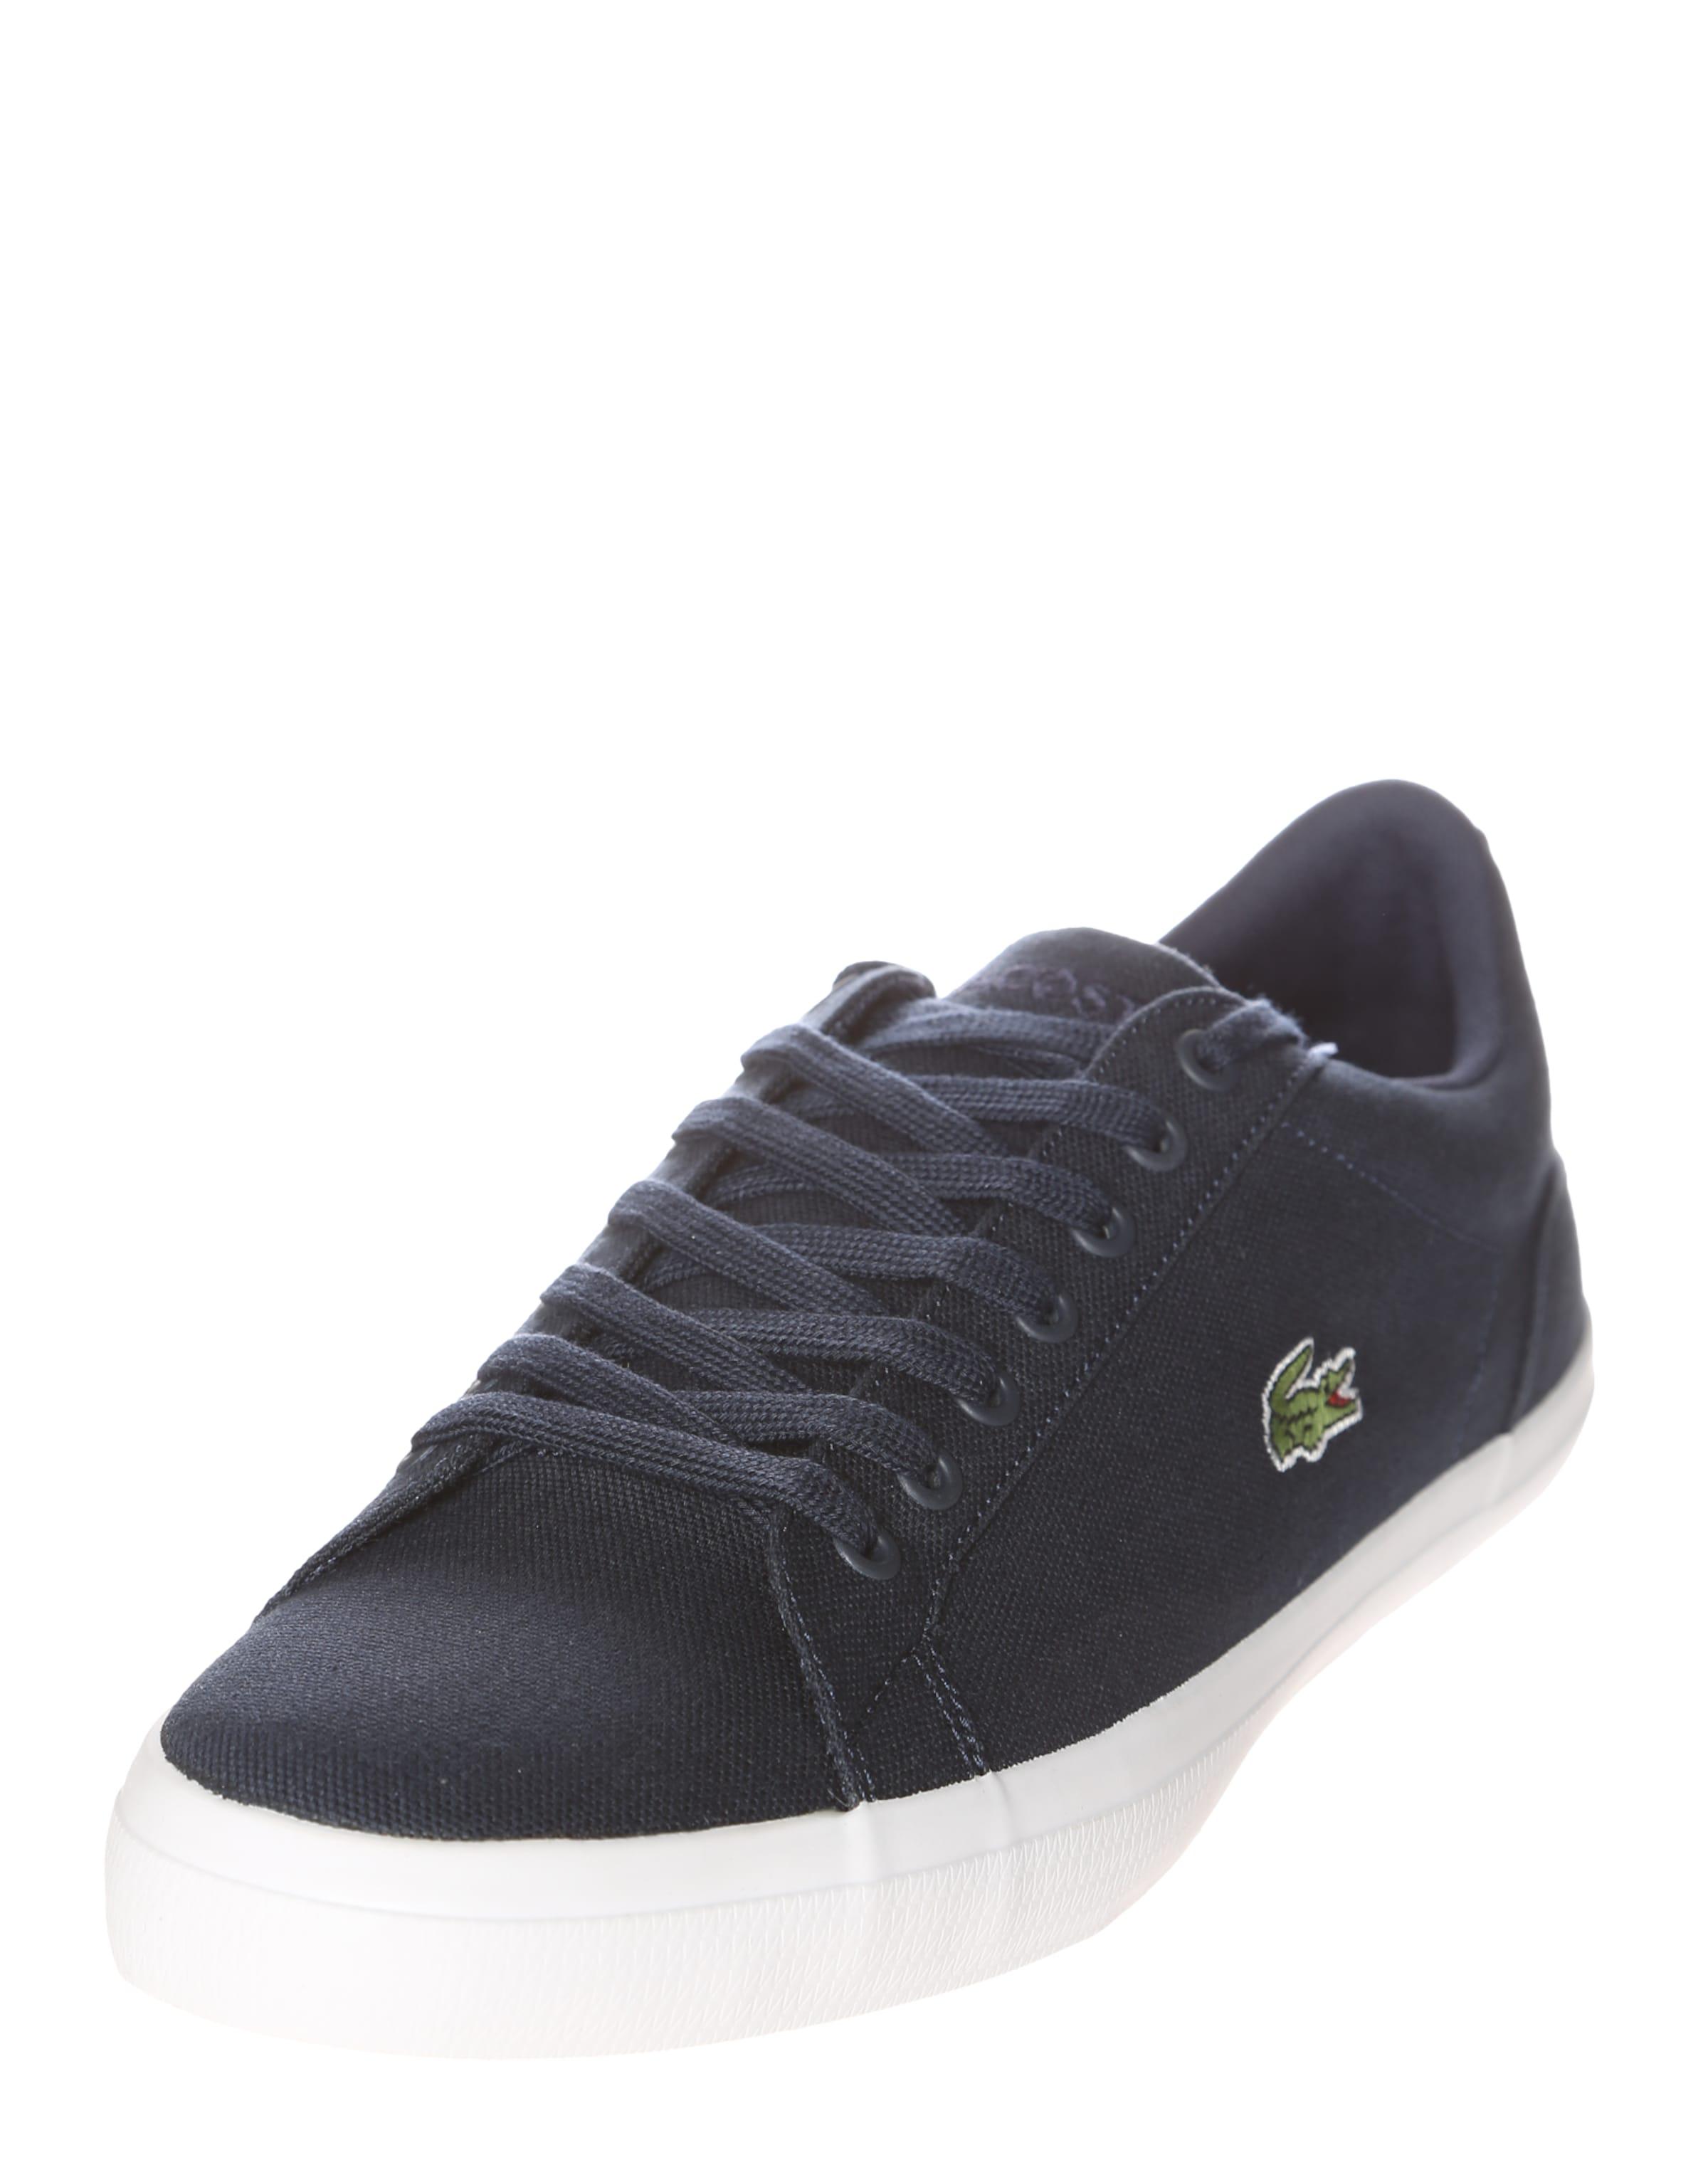 Sneaker In In Sneaker 'lerond' 'lerond' NavyWeiß Lacoste Lacoste NavyWeiß c5LRj3A4q